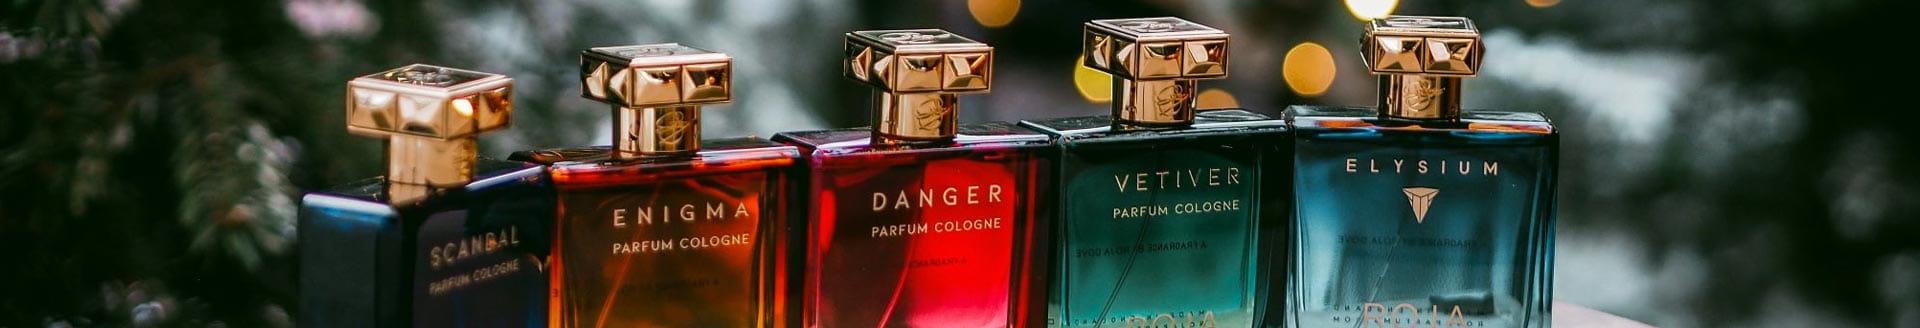 roja-parfum-brand